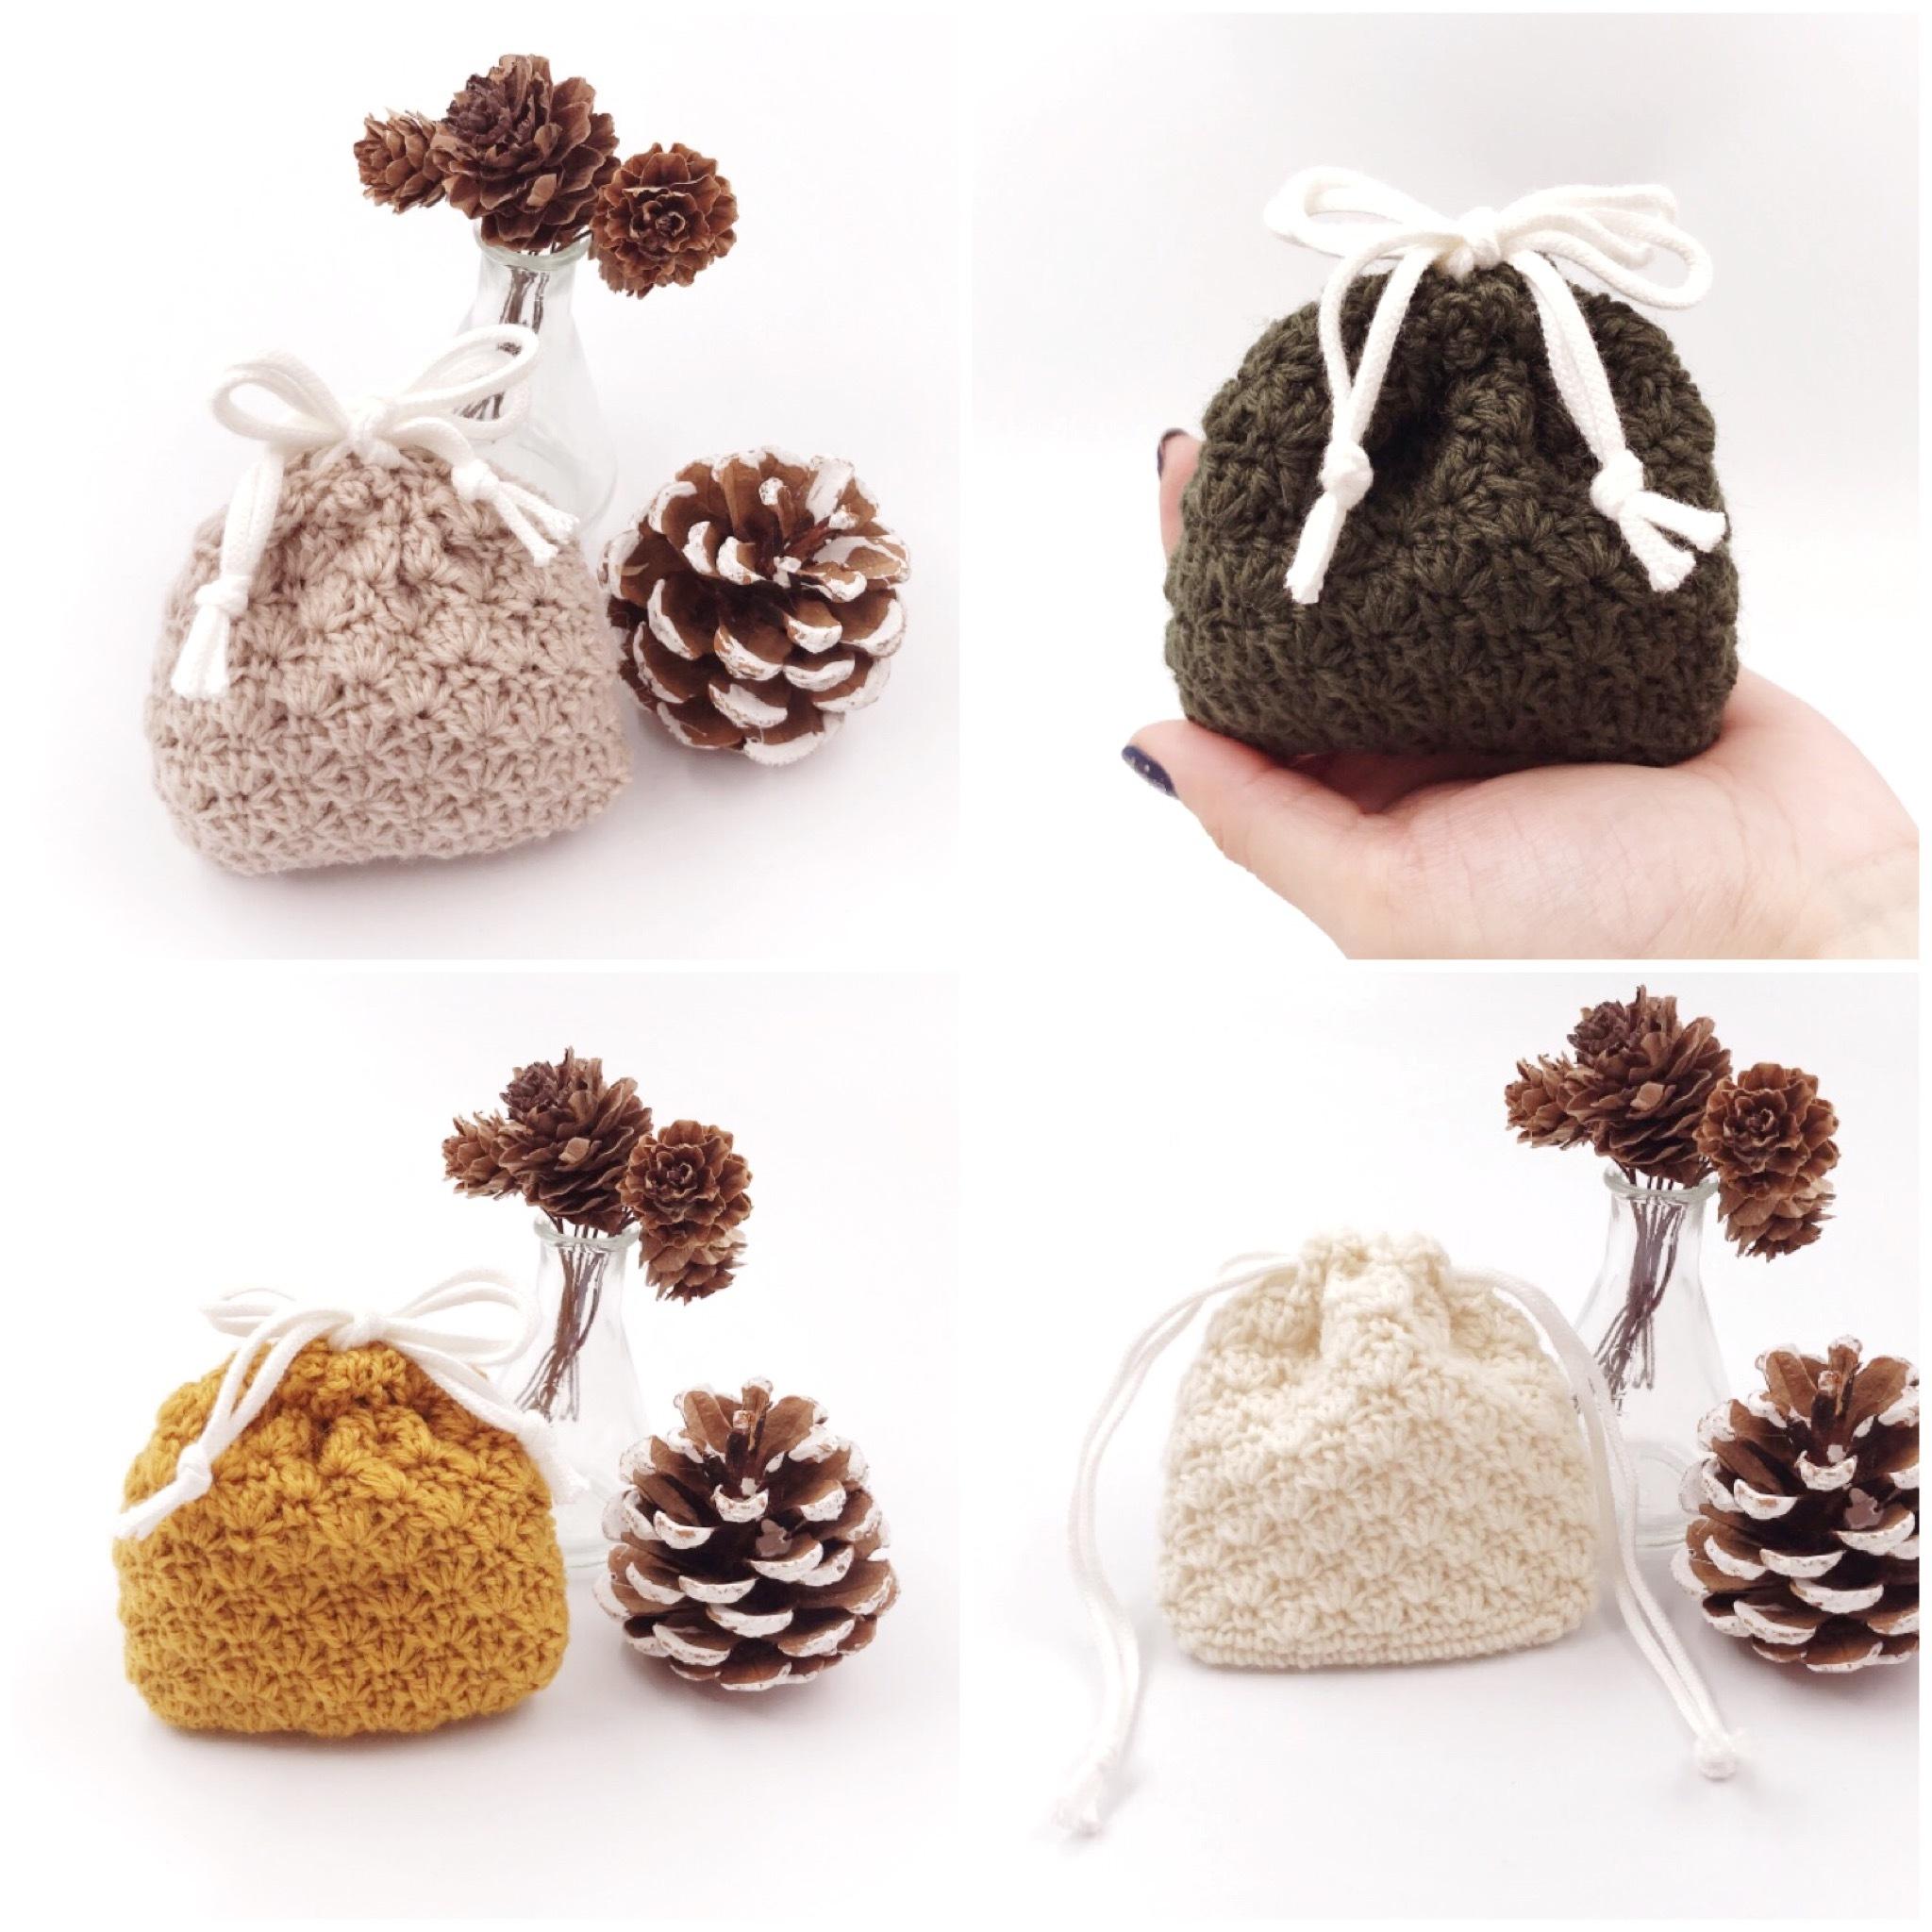 HanahanD 手編み雑貨 巾着 手編み巾着 冬小物